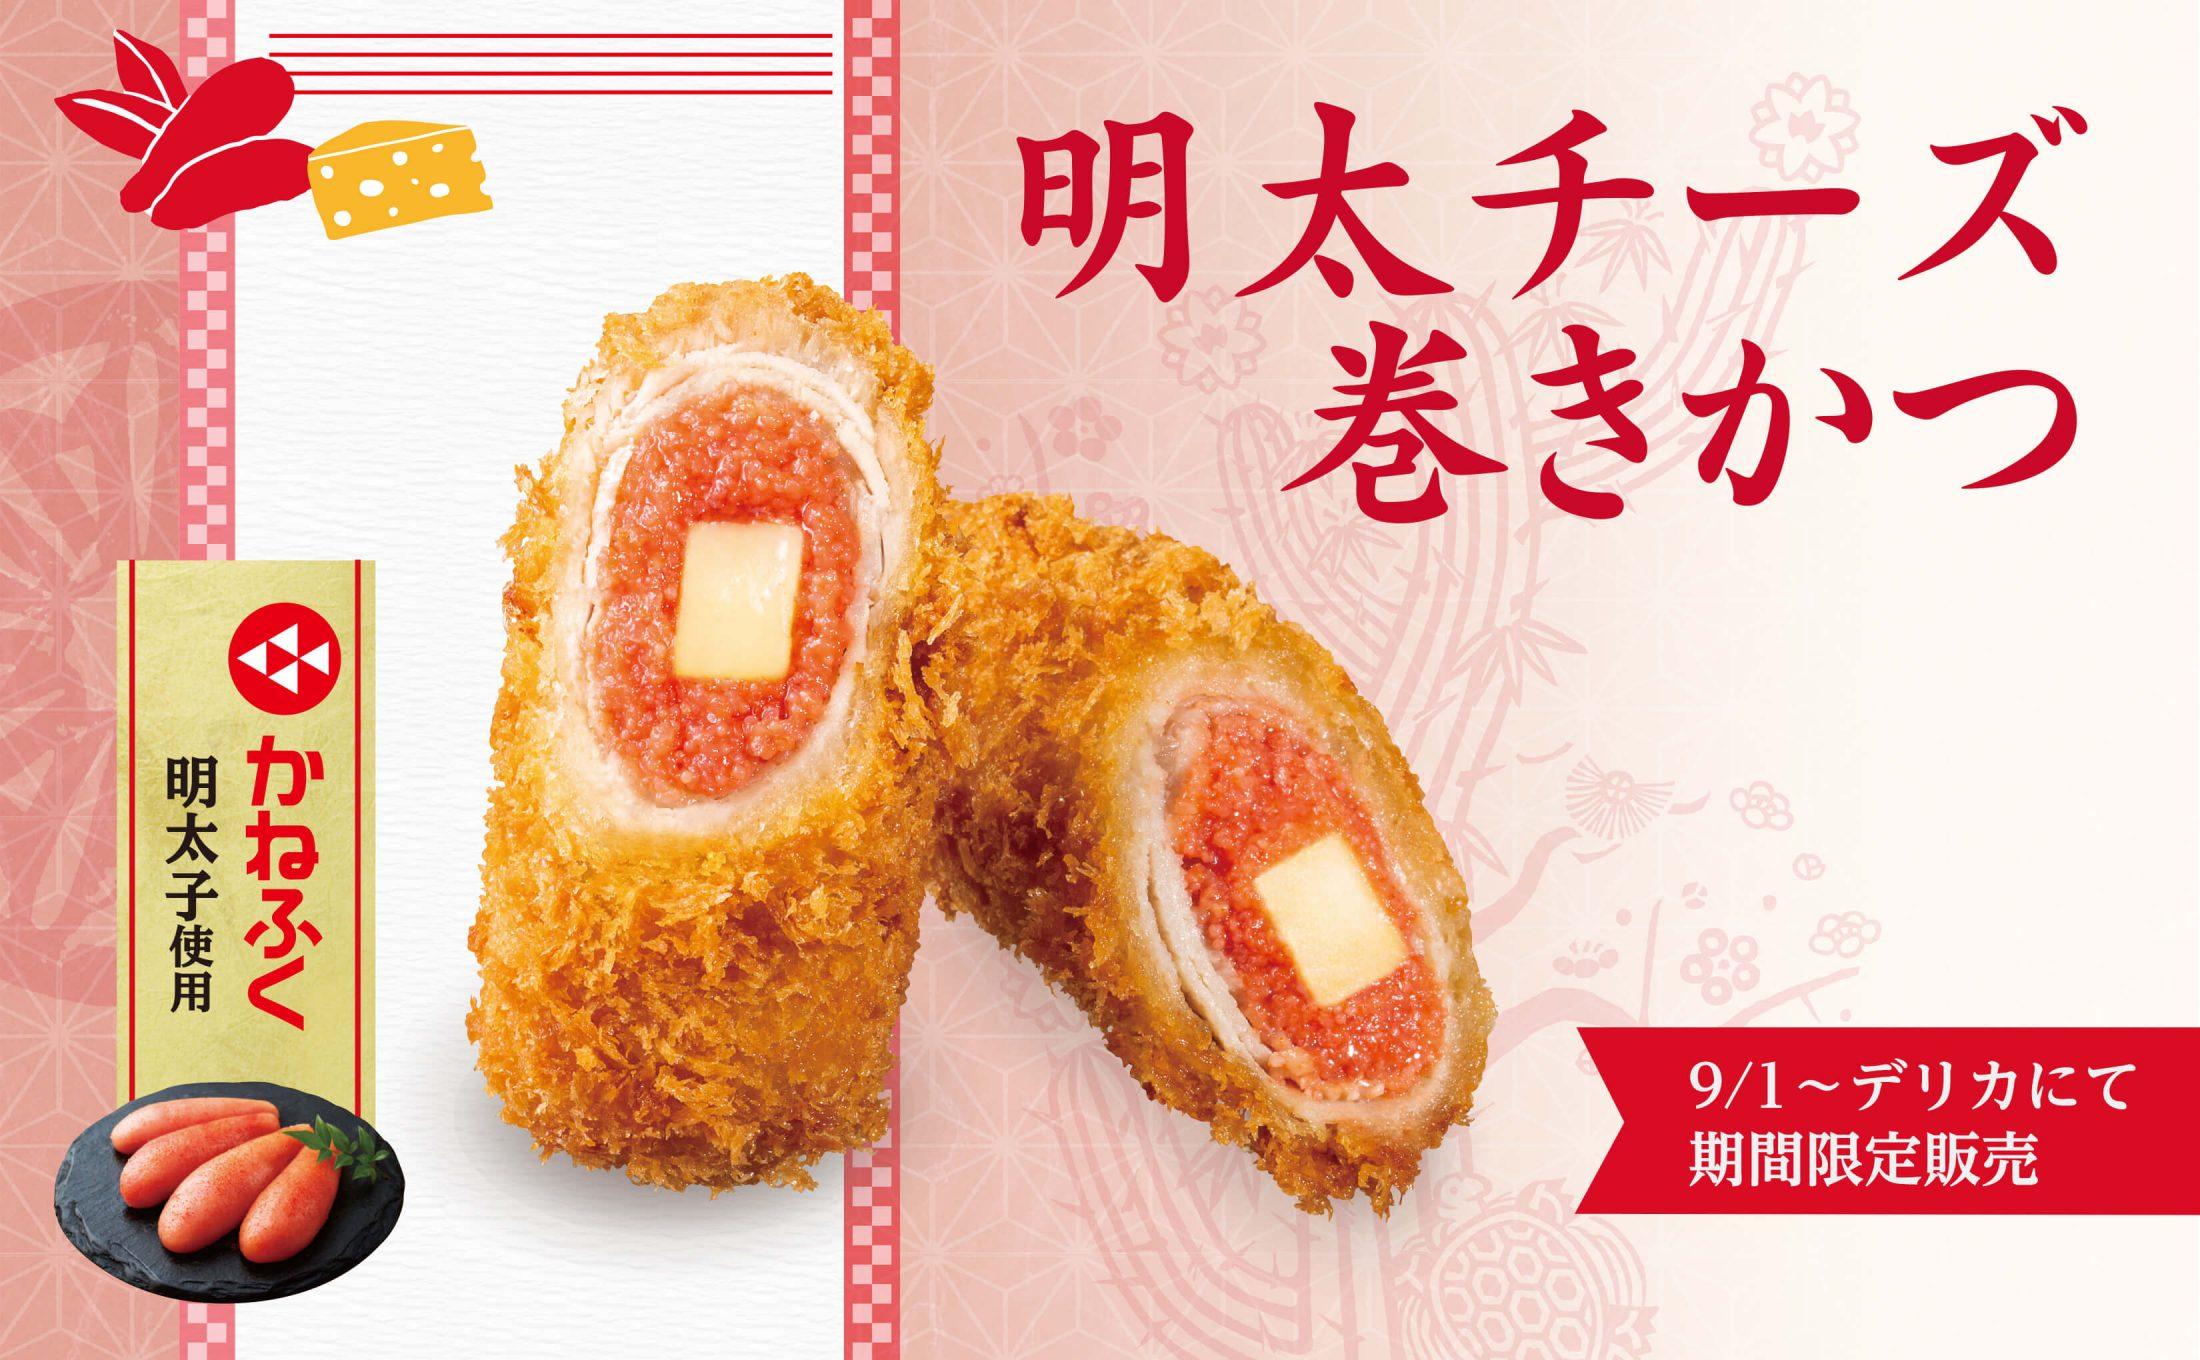 デリカにて「明太チーズ巻きかつ」を期間限定で販売!